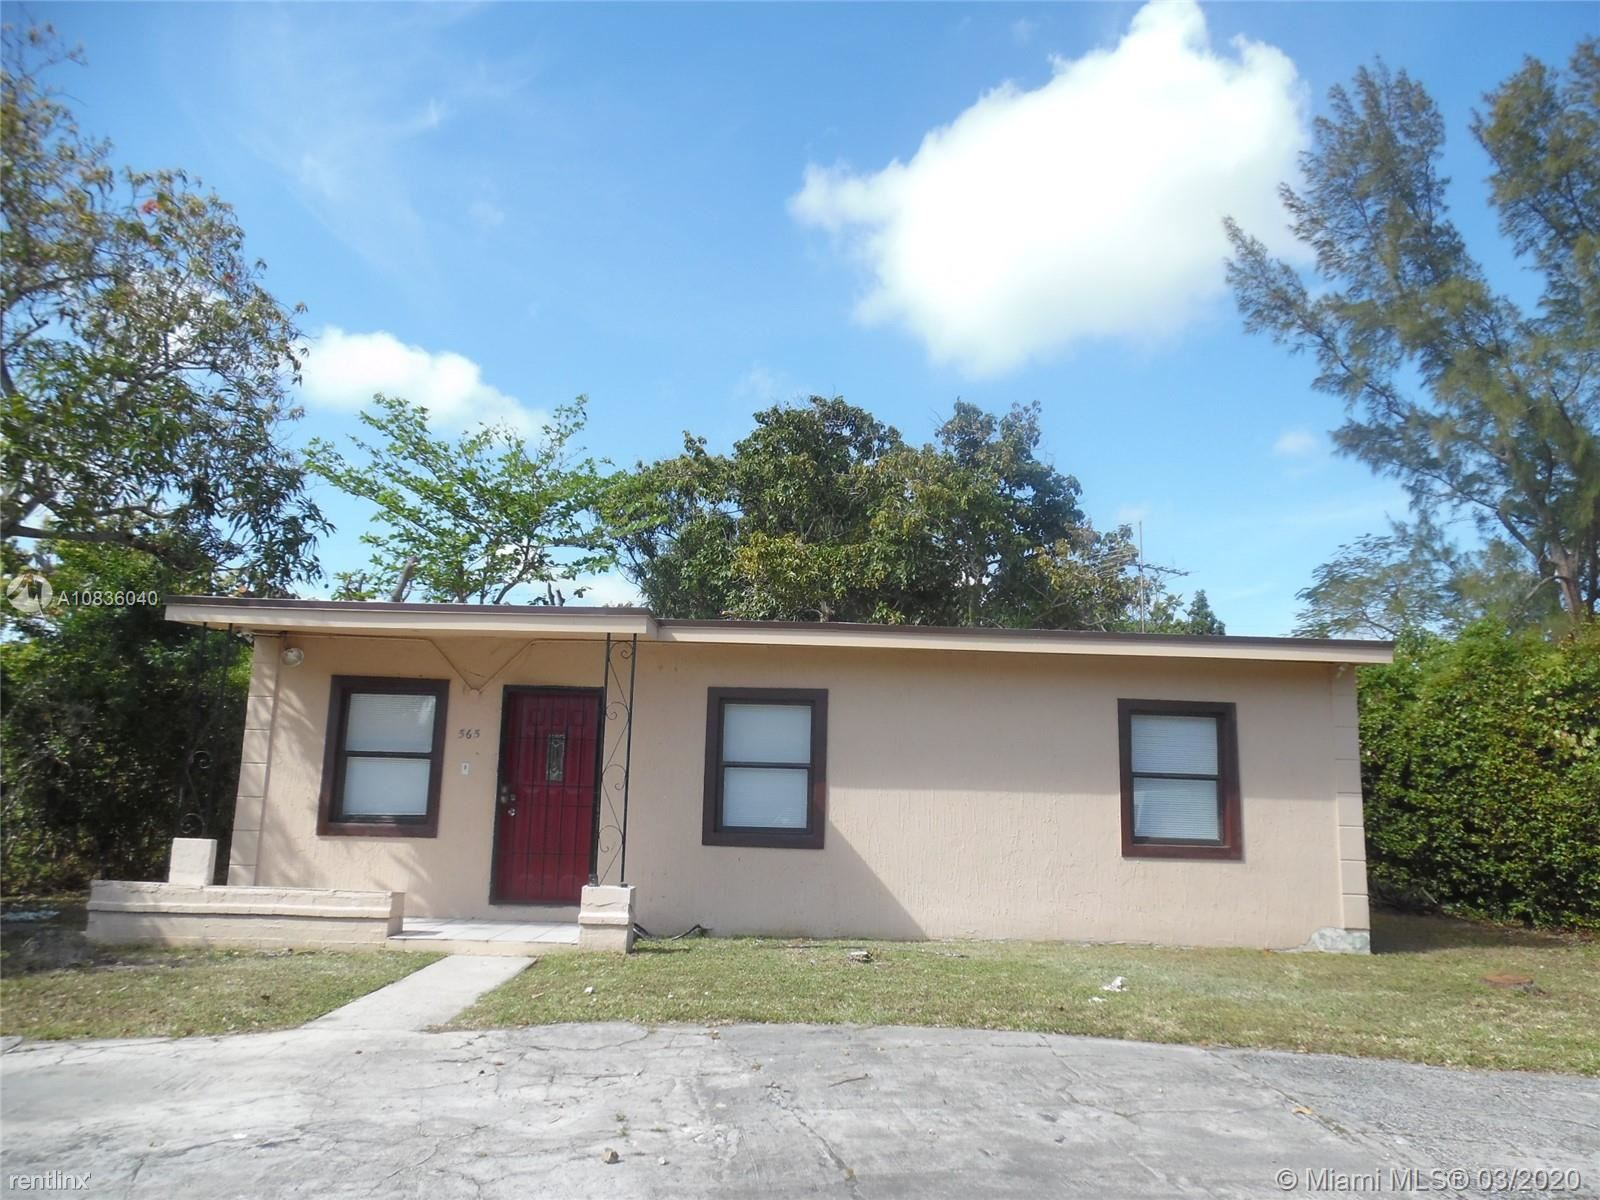 565 NW 129th St # 565, North Miami, FL - $2,500